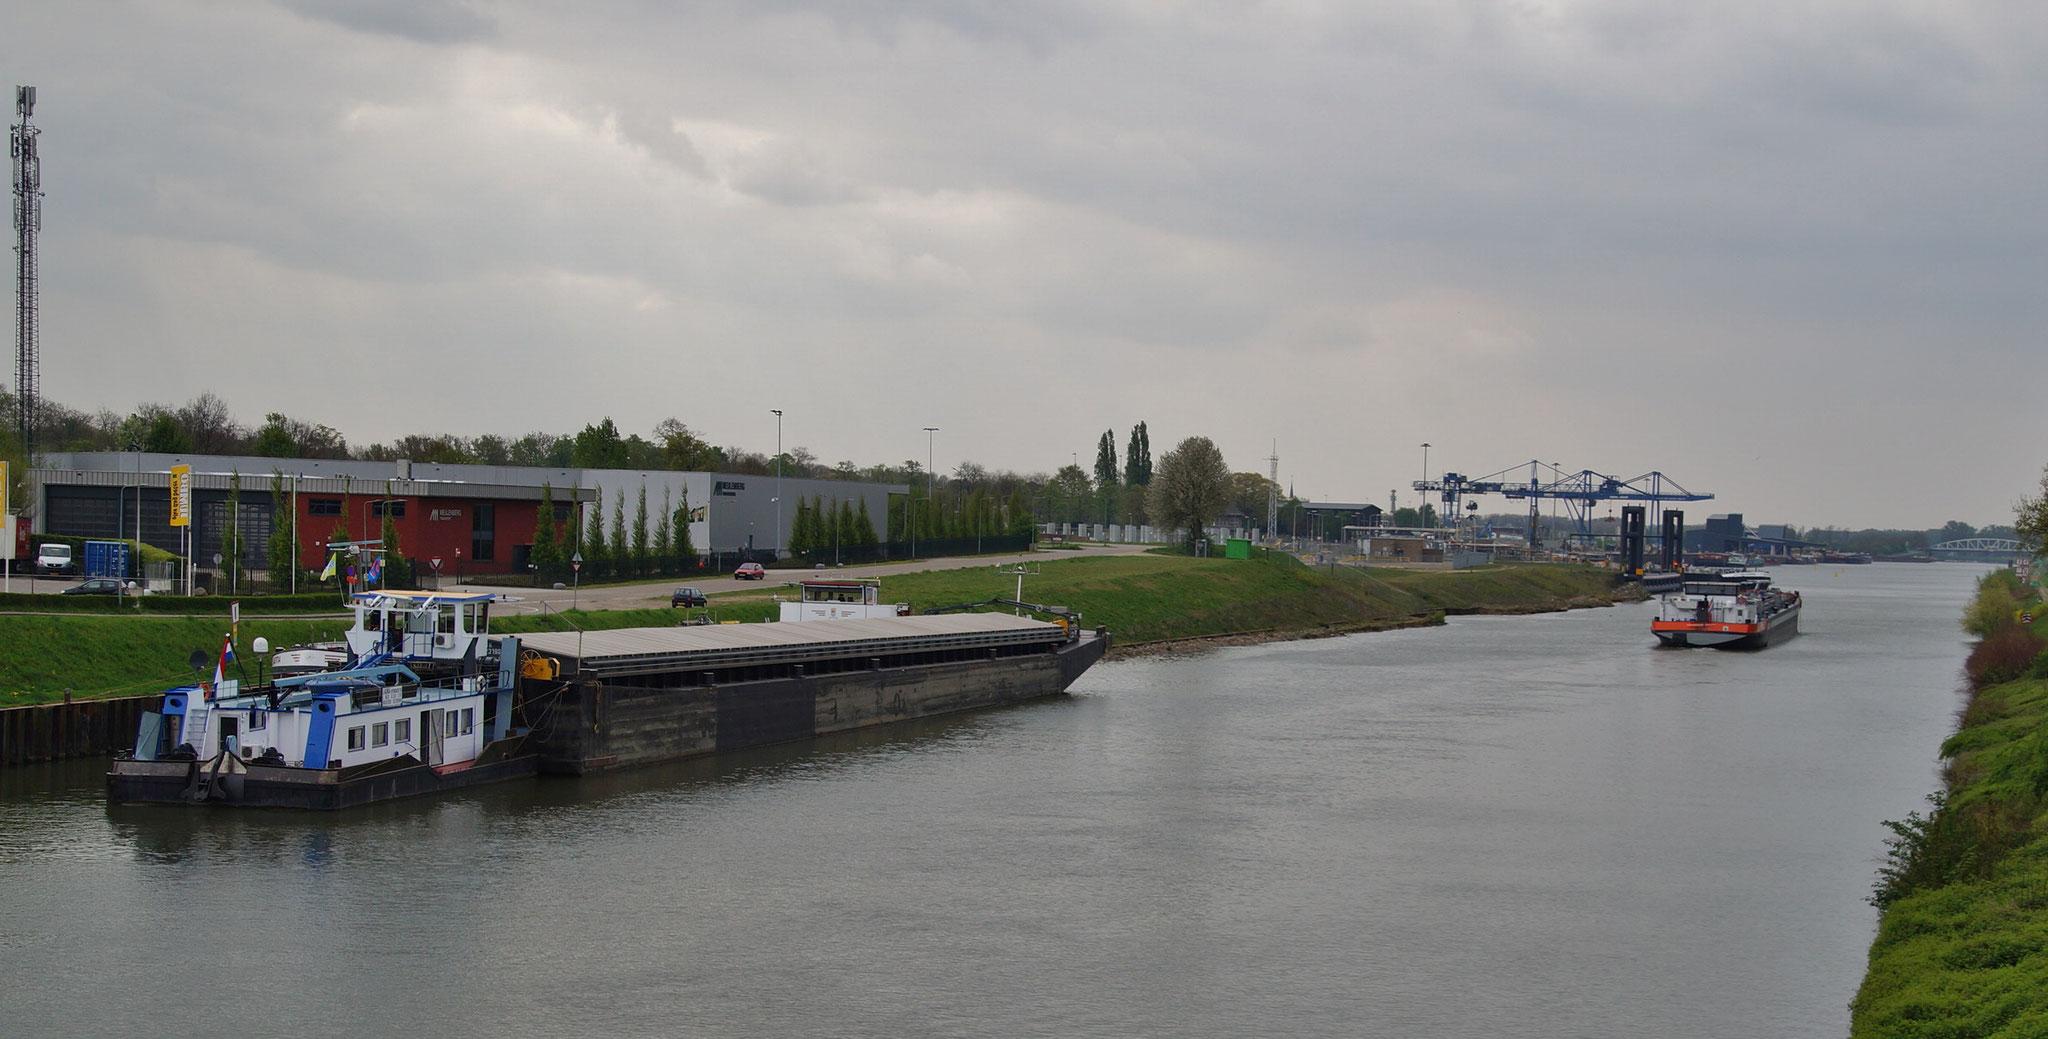 Auf dem Weg nach Einighausen (NL) passieren wir Urmond (NL)